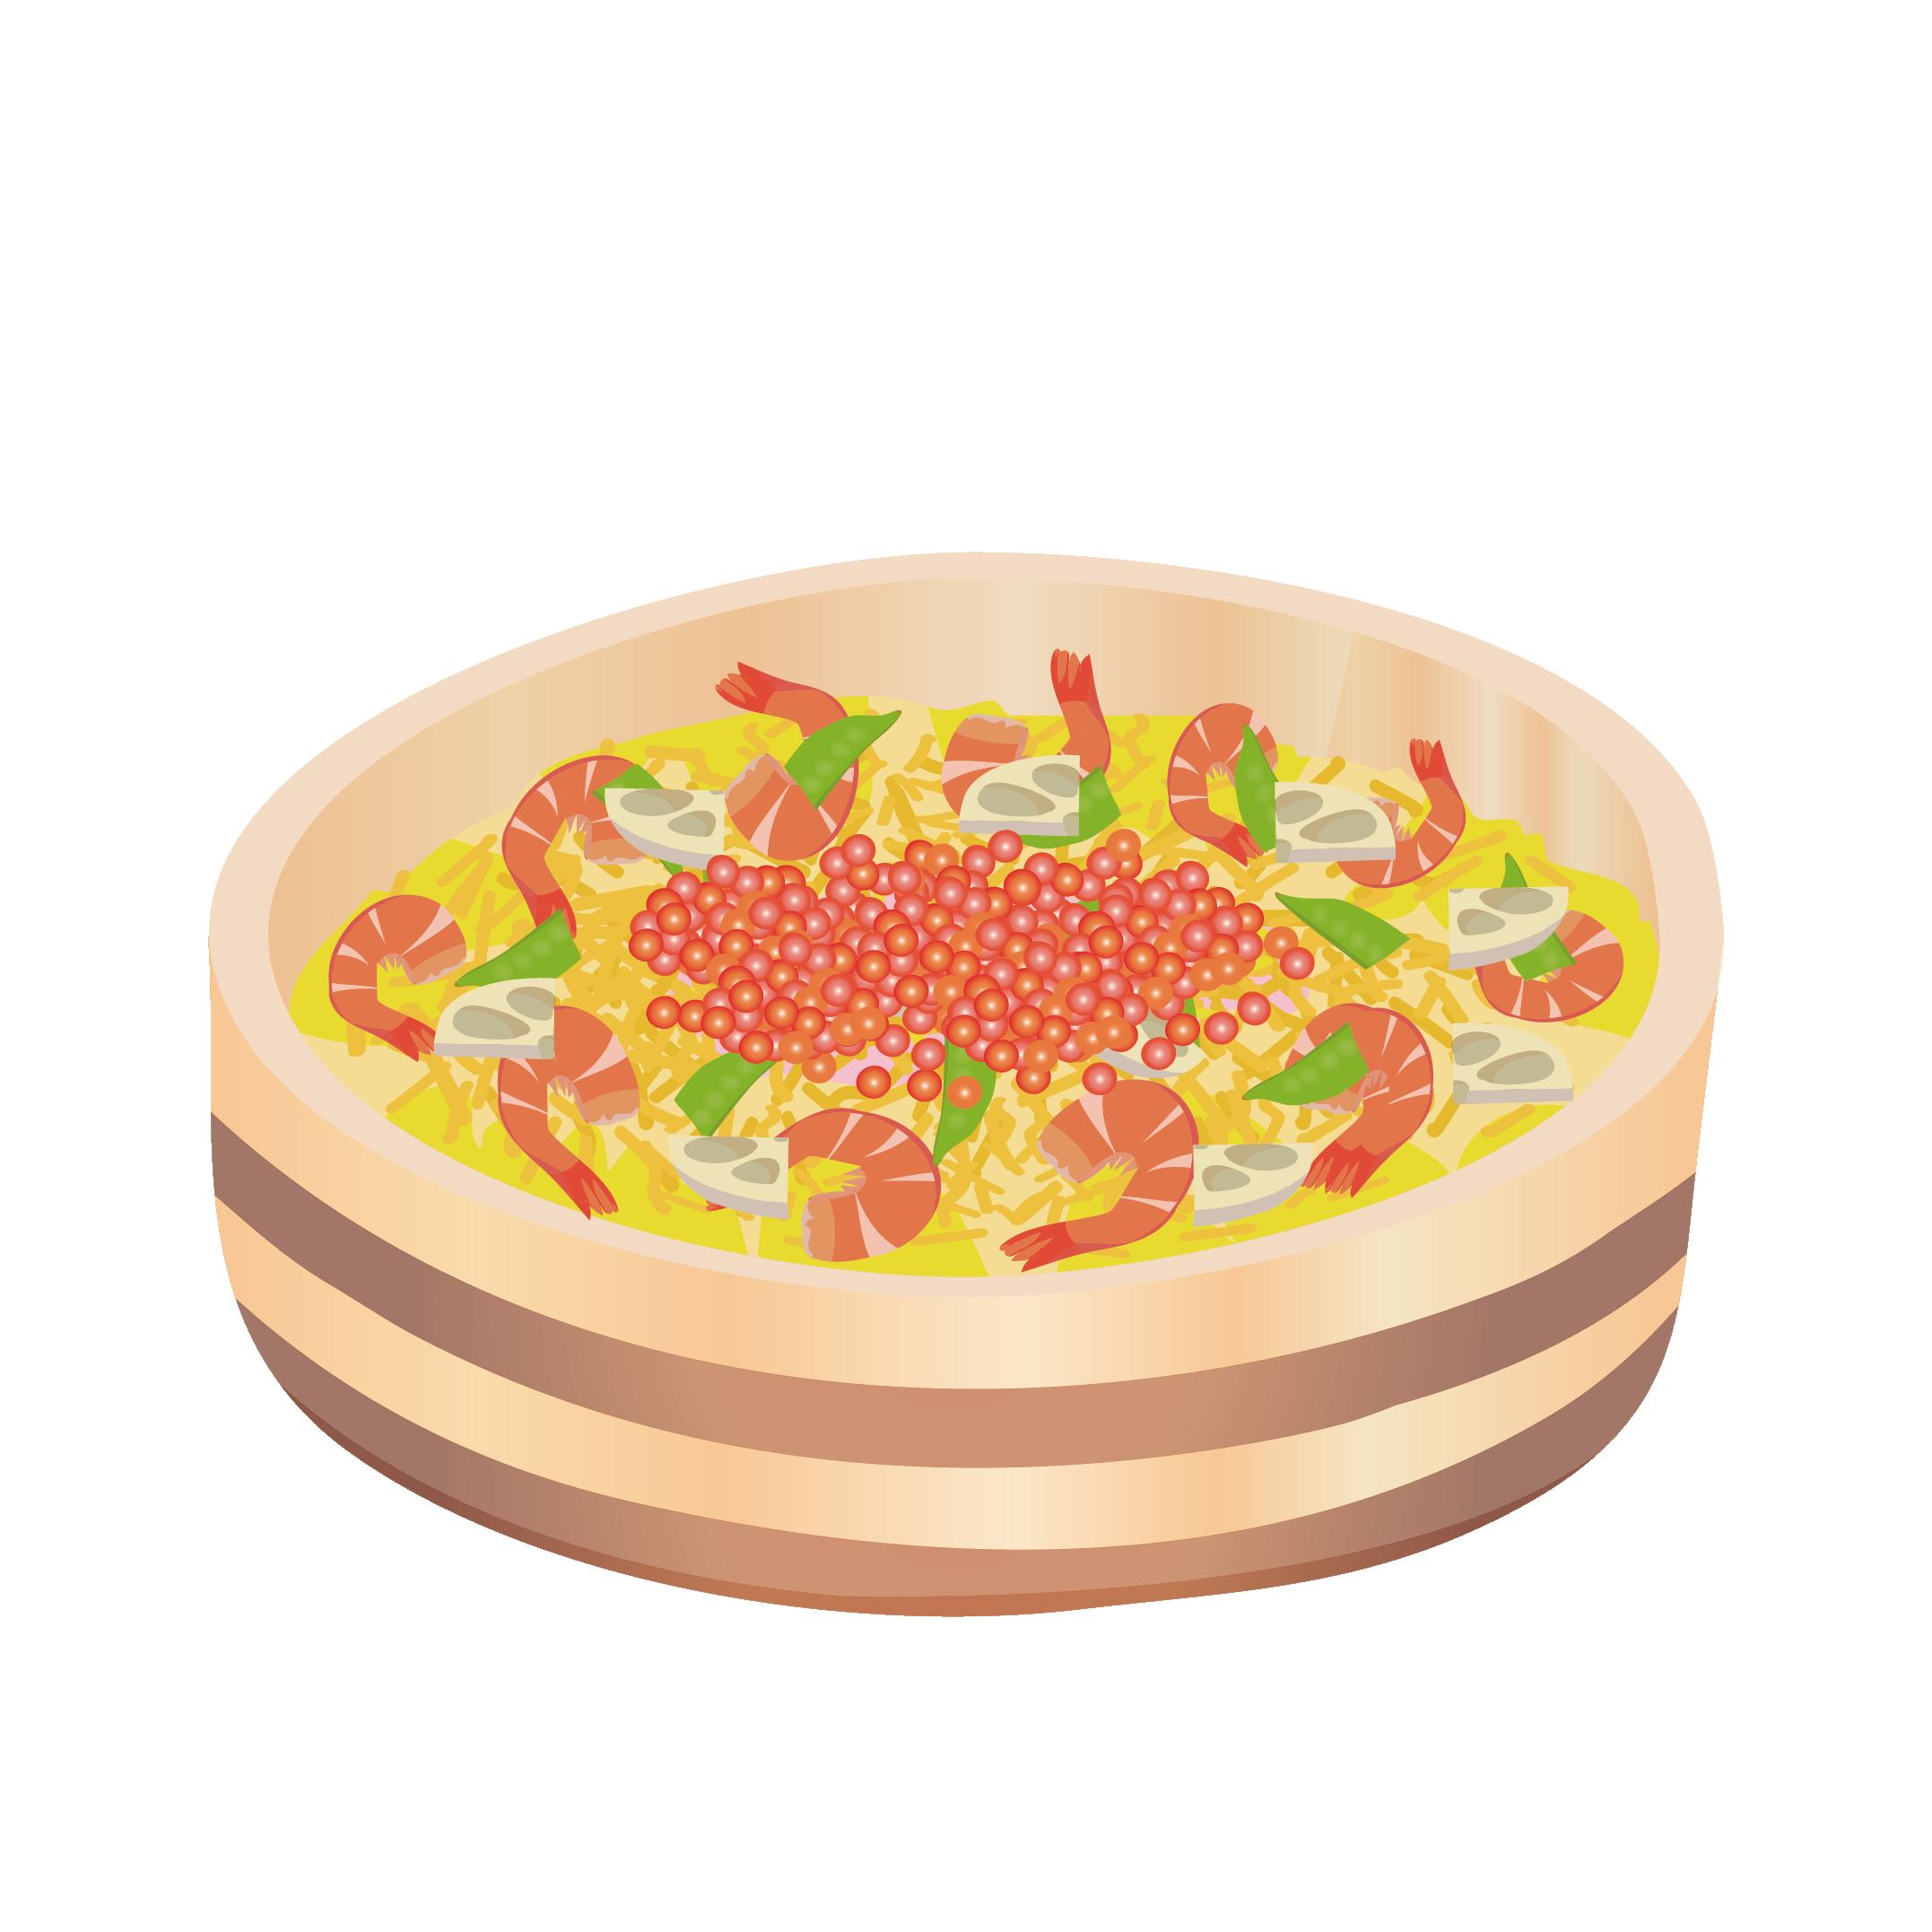 豪華なちらし寿司 イラスト♪ | 商用フリー(無料)のイラスト素材なら